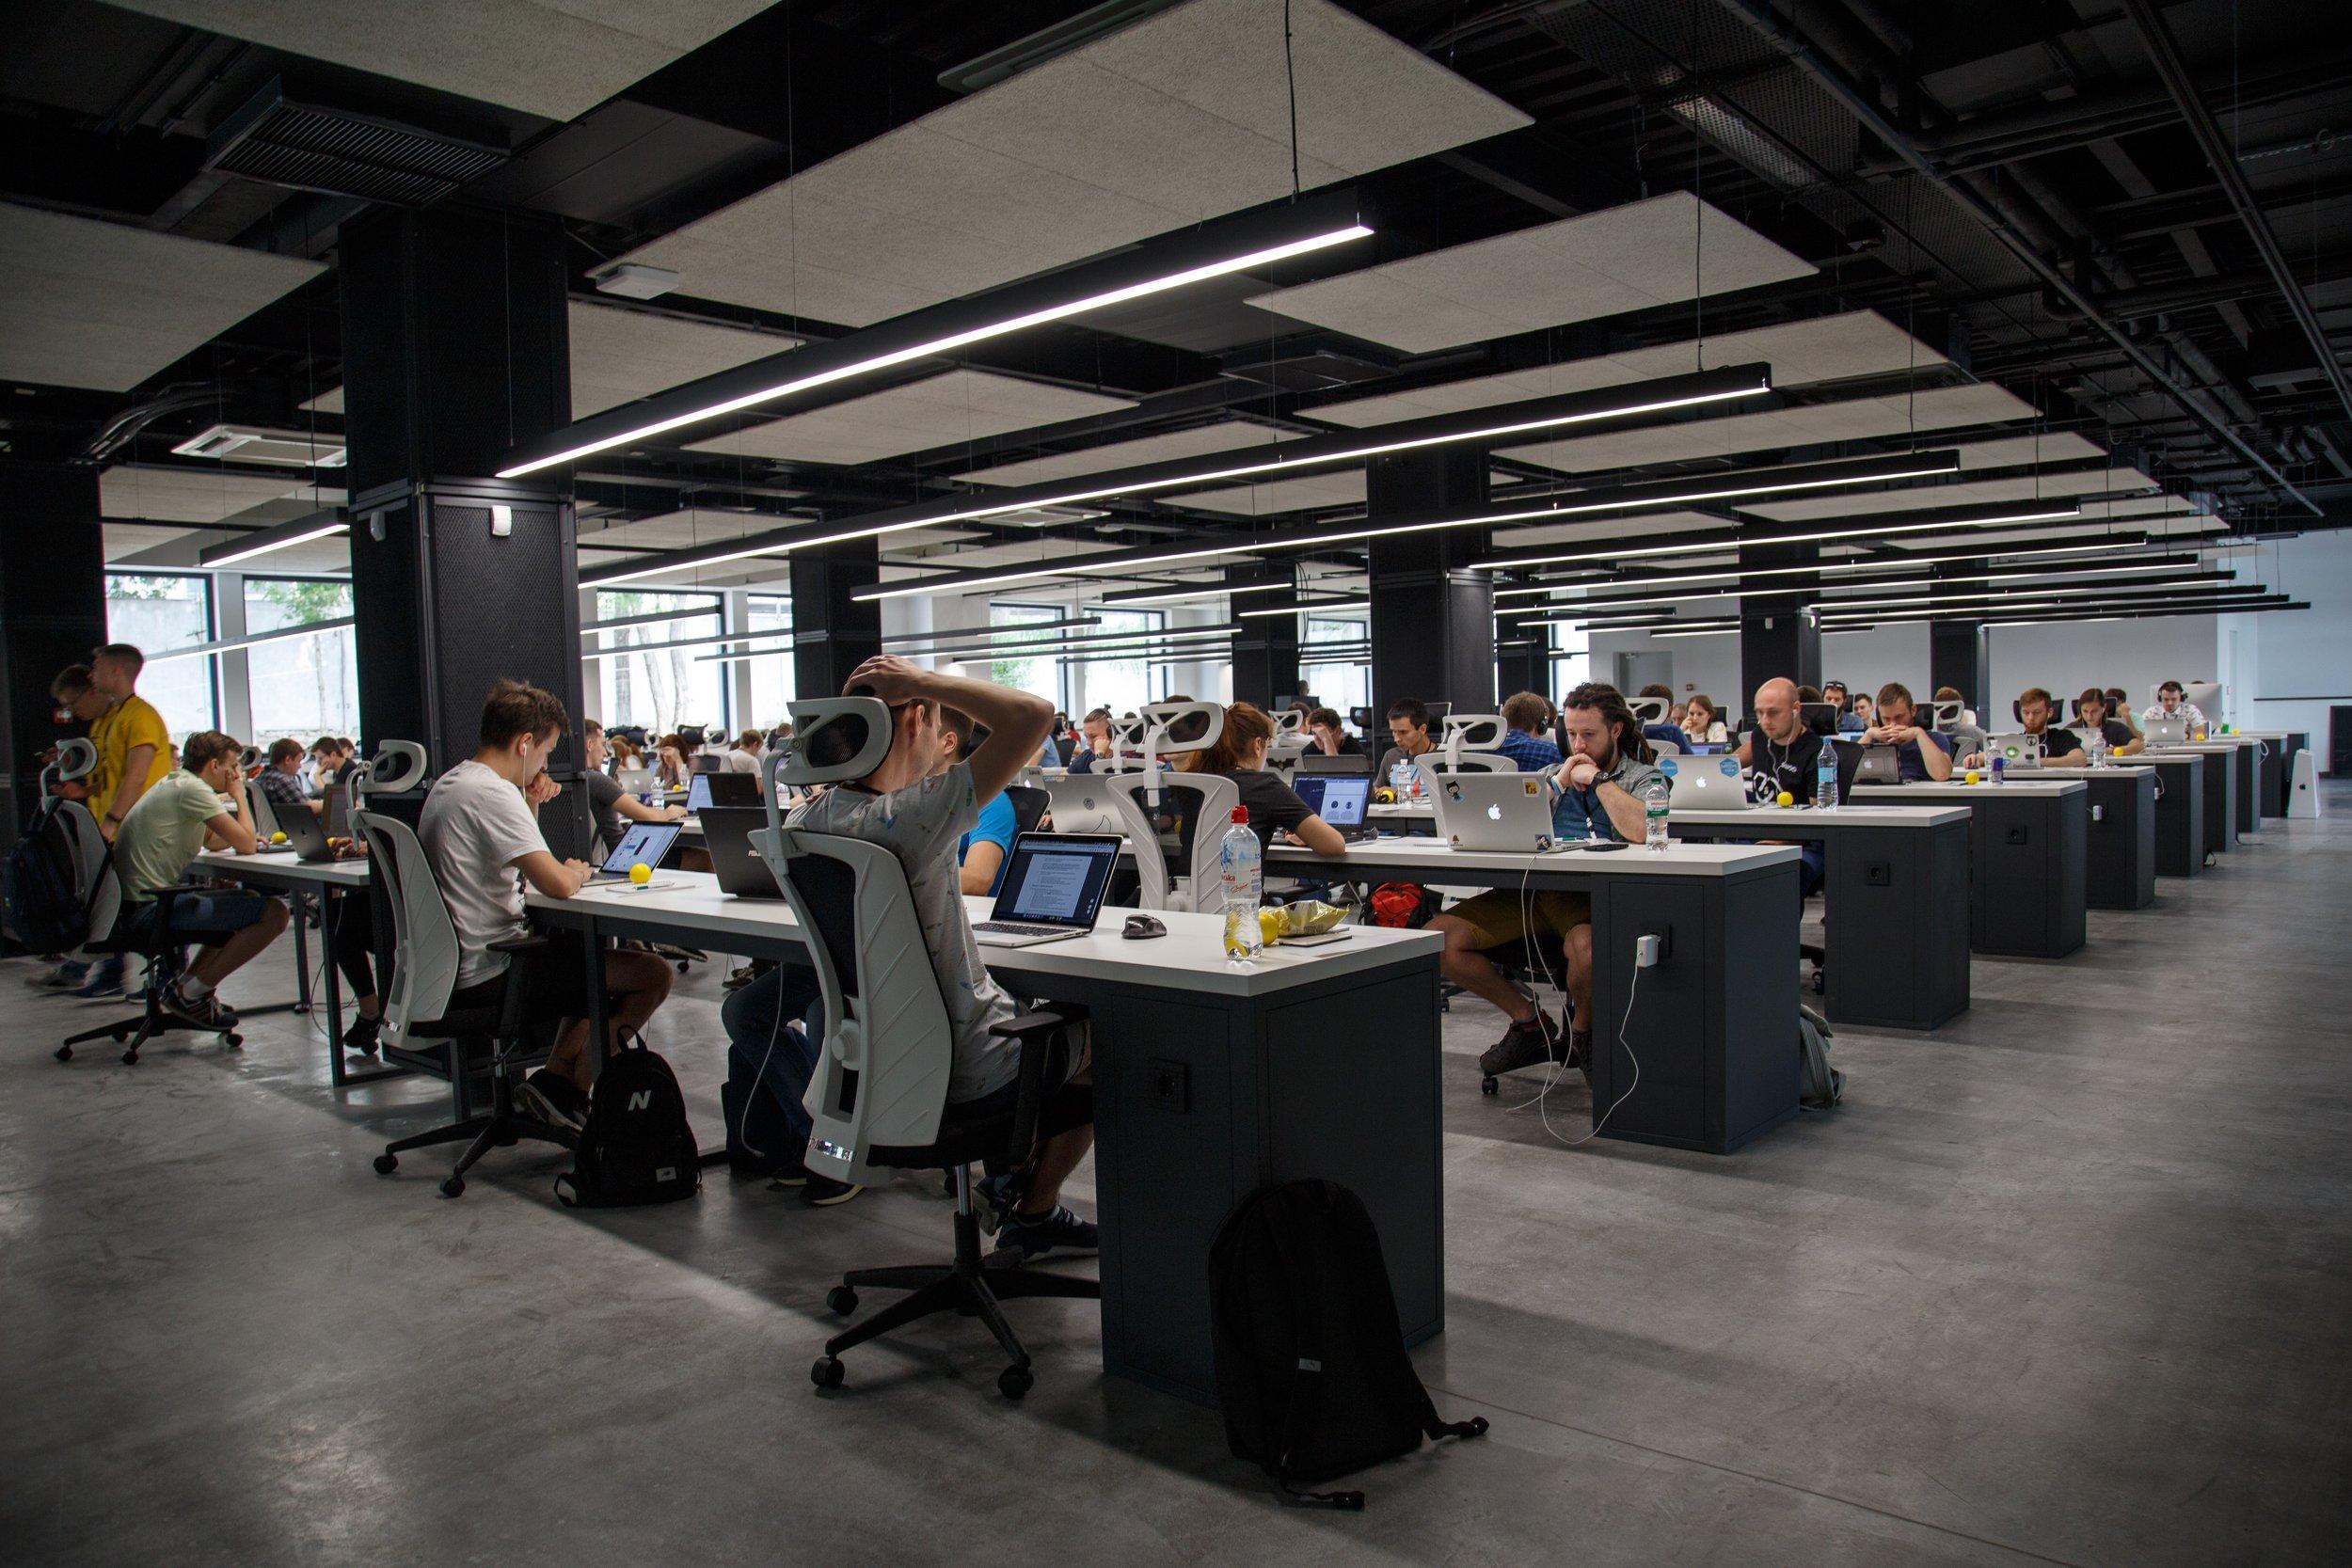 Zeitdruck und Überlastung mit Aufgaben sind ein bedeutender Stressfaktor im Arbeitsalltag